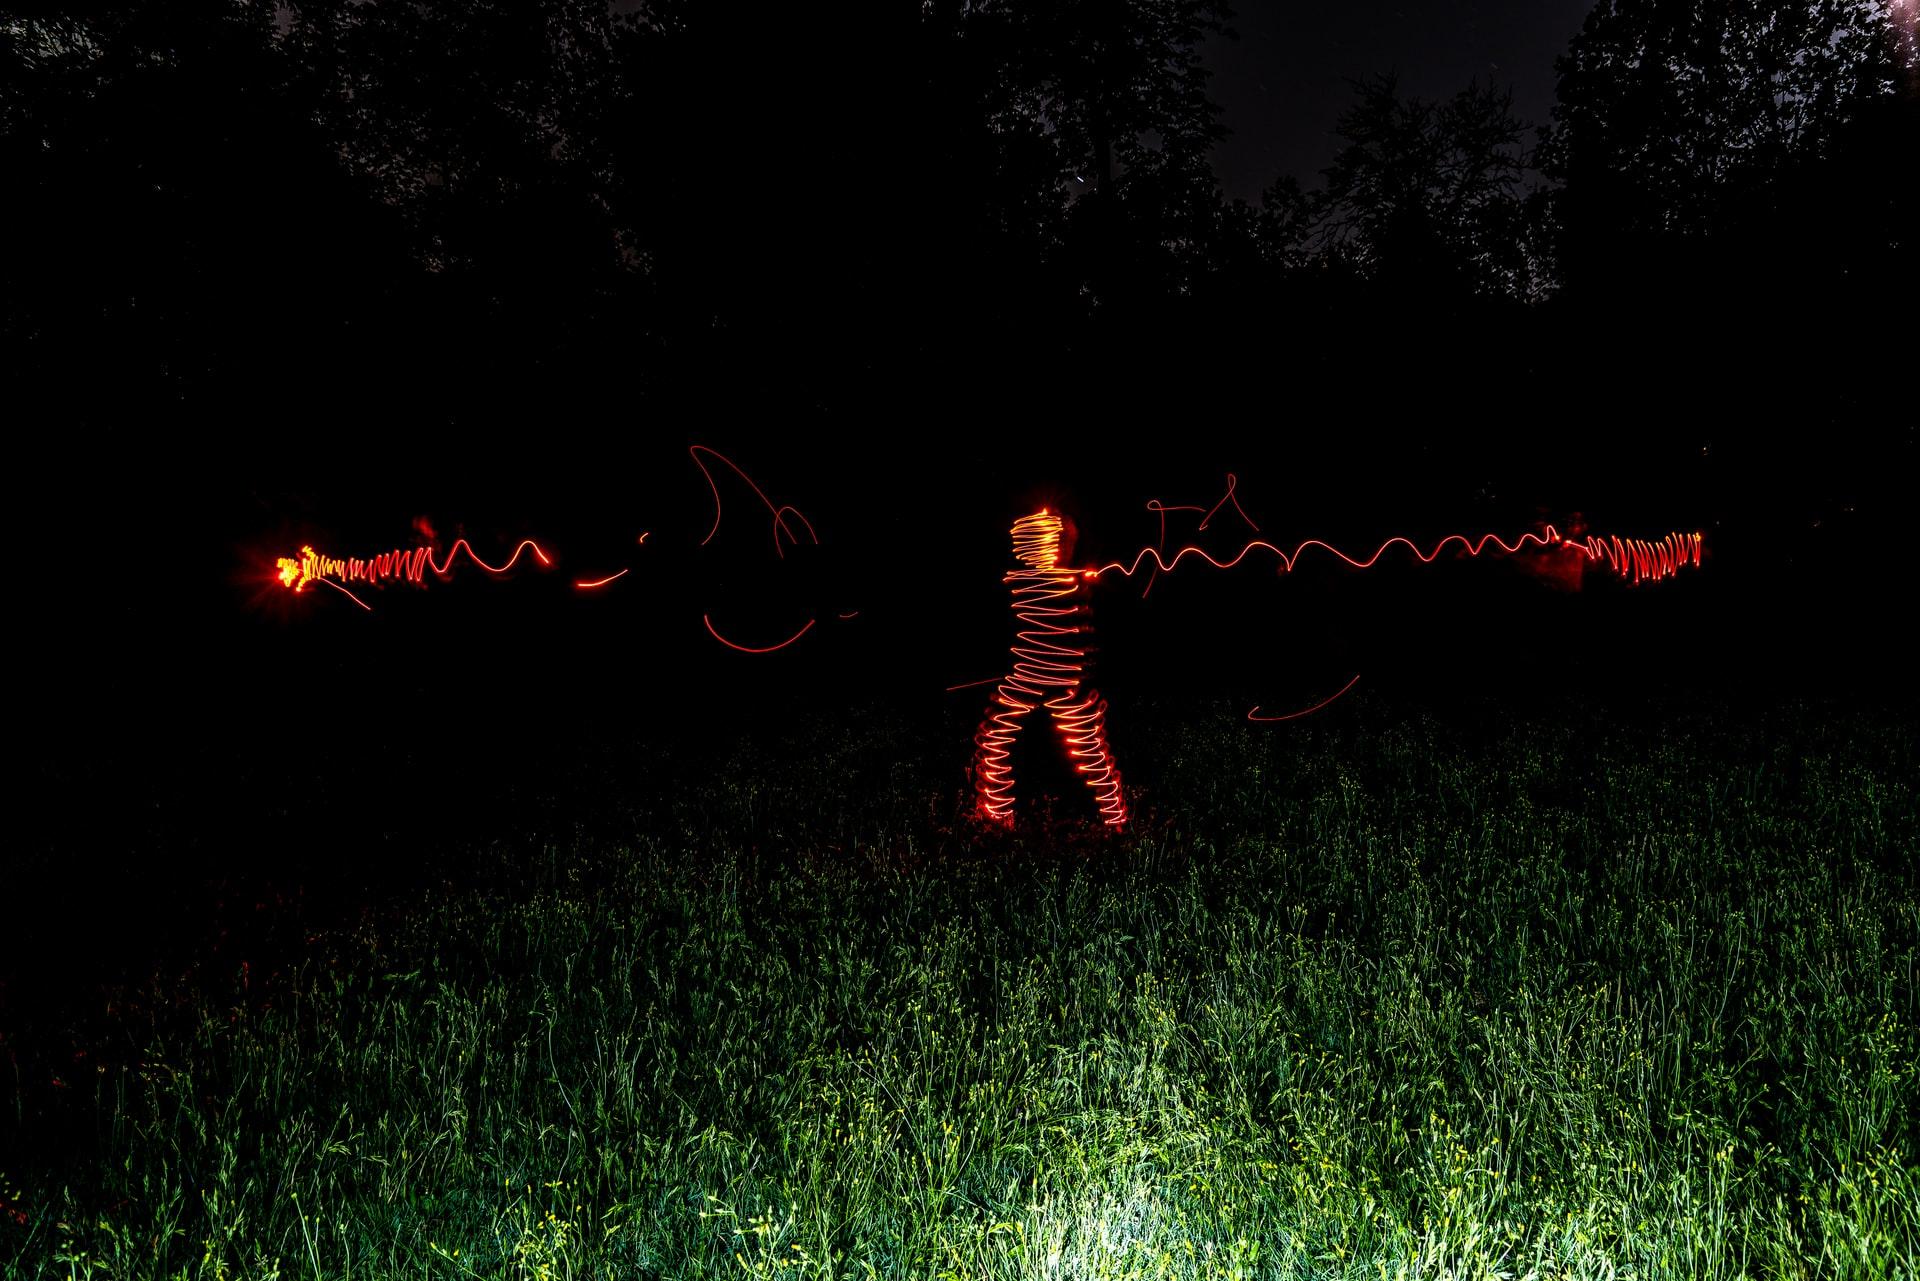 Aliens im Reinhardswald – Ansprache an die protestierenden Bürger